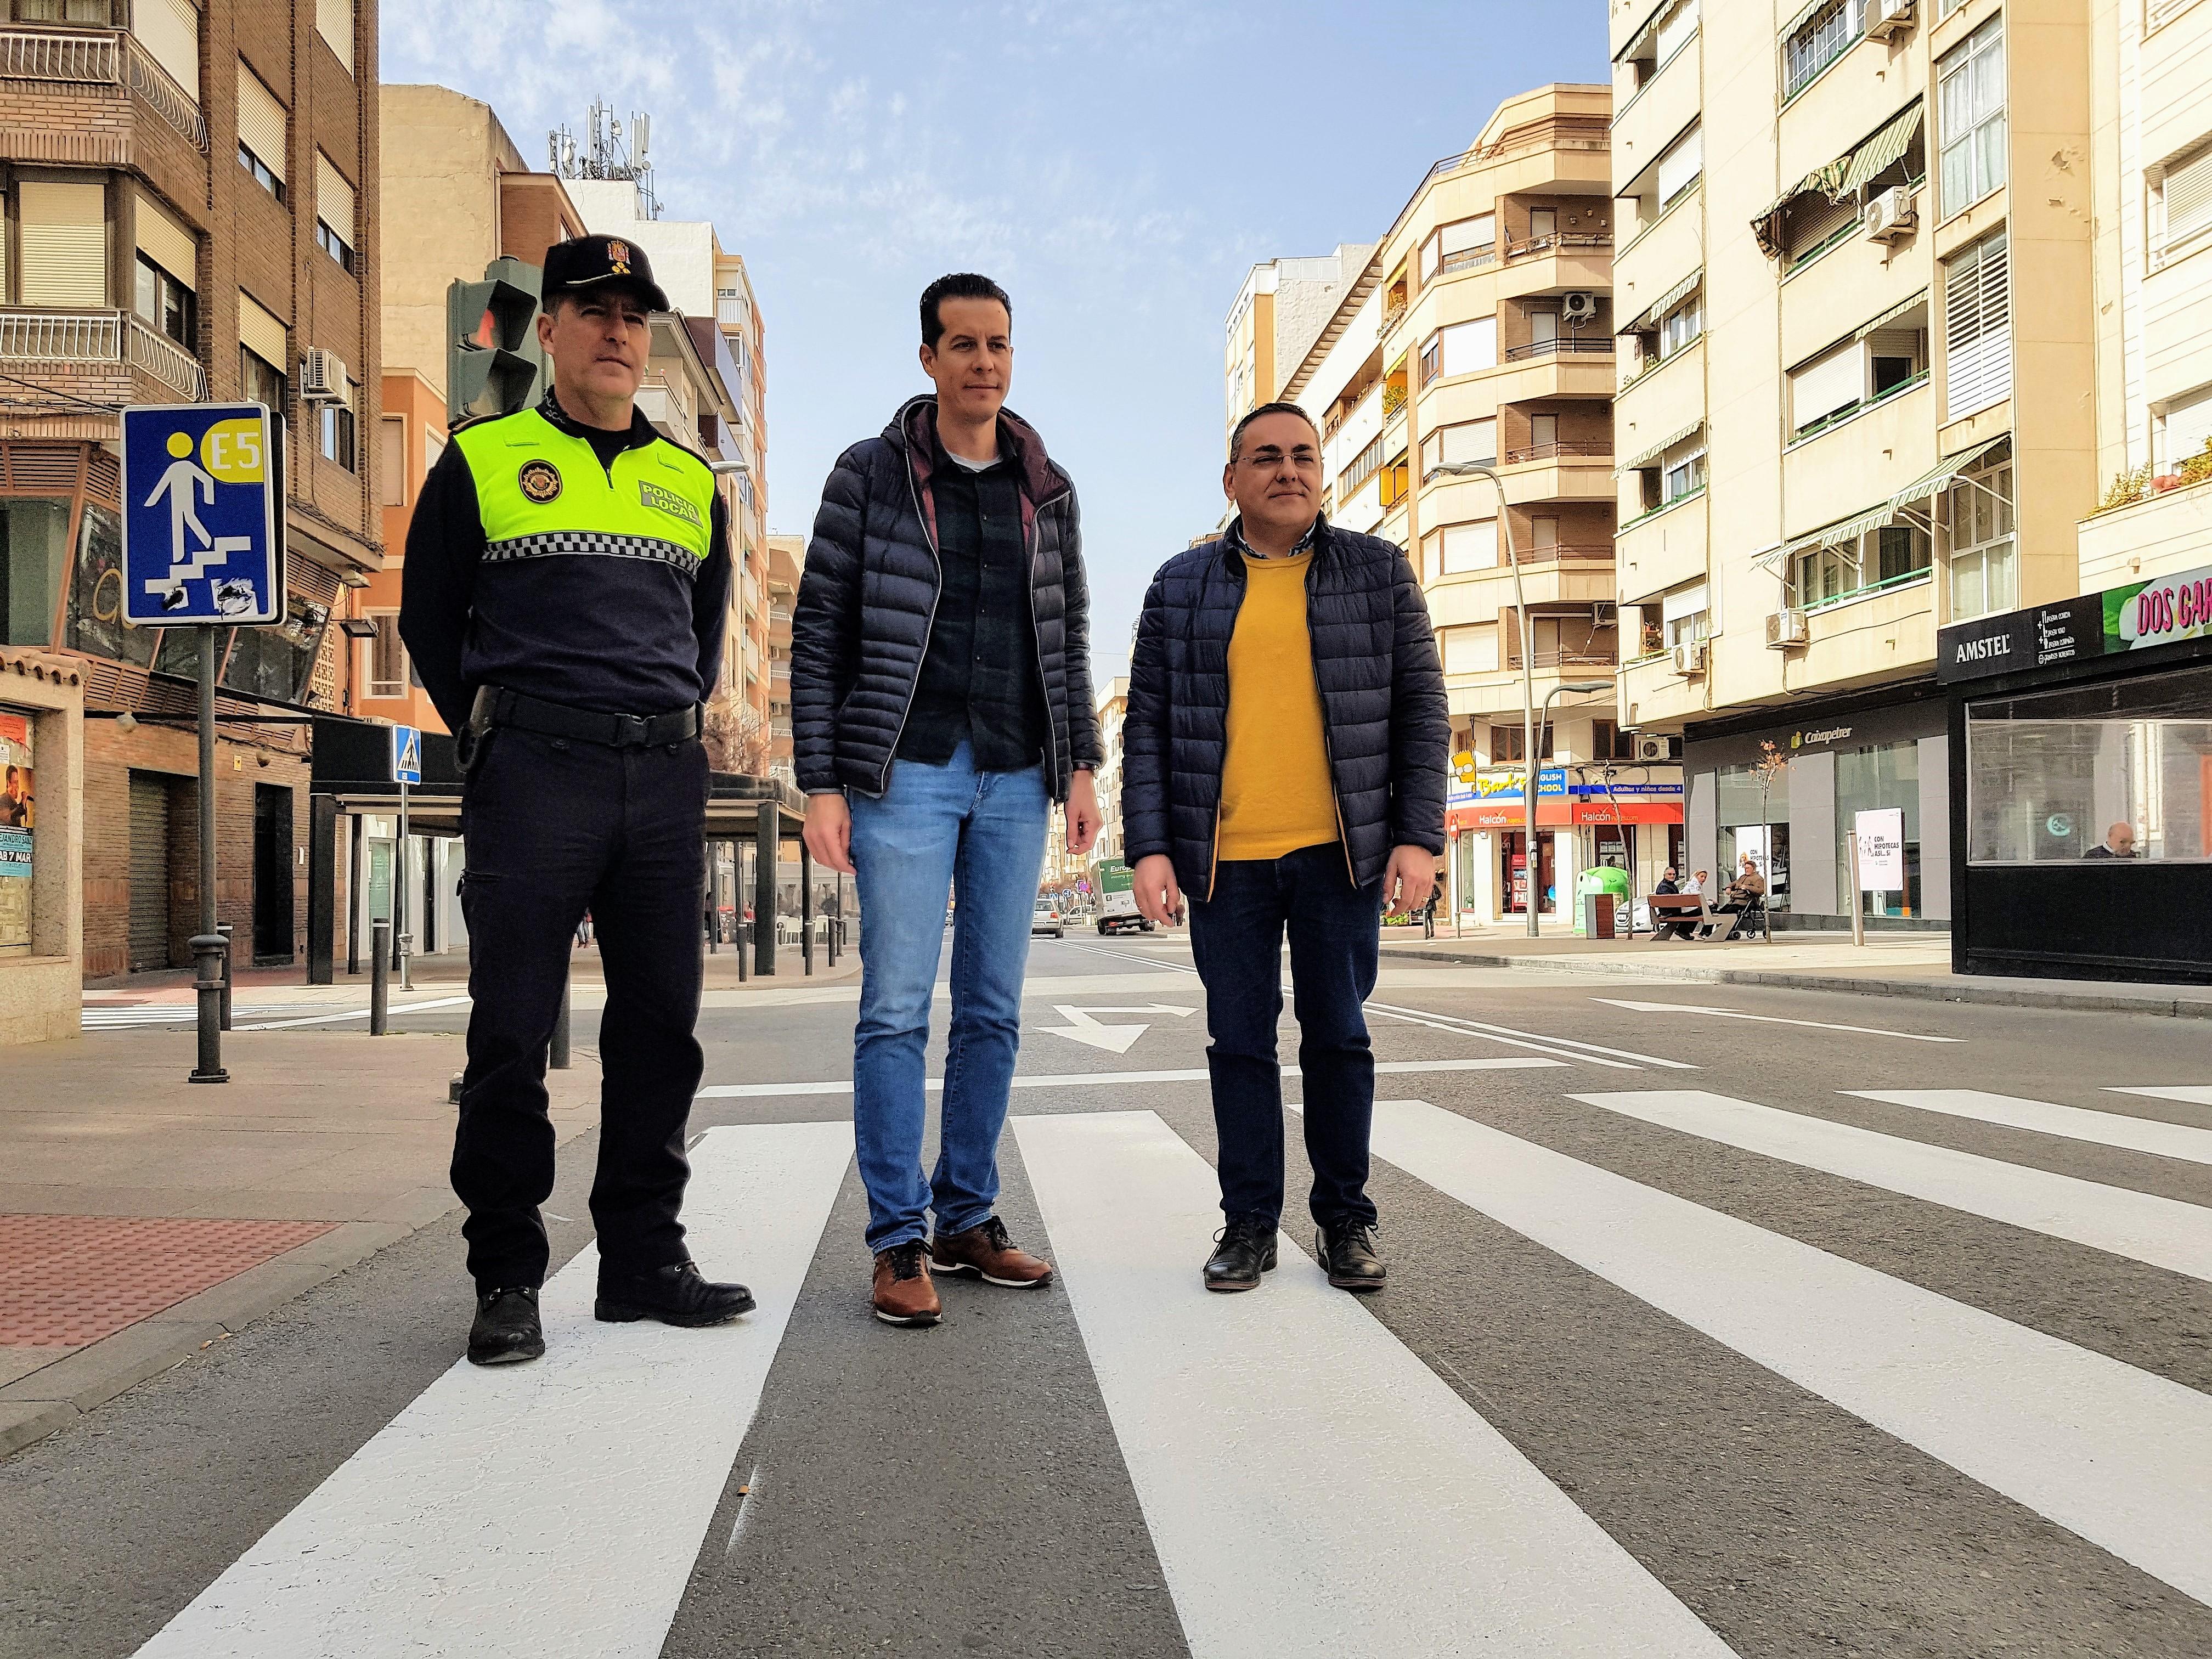 El Ayuntamiento de Elda inicia la renovación de la señalización vertical y horizontal de tráfico de toda la ciudad